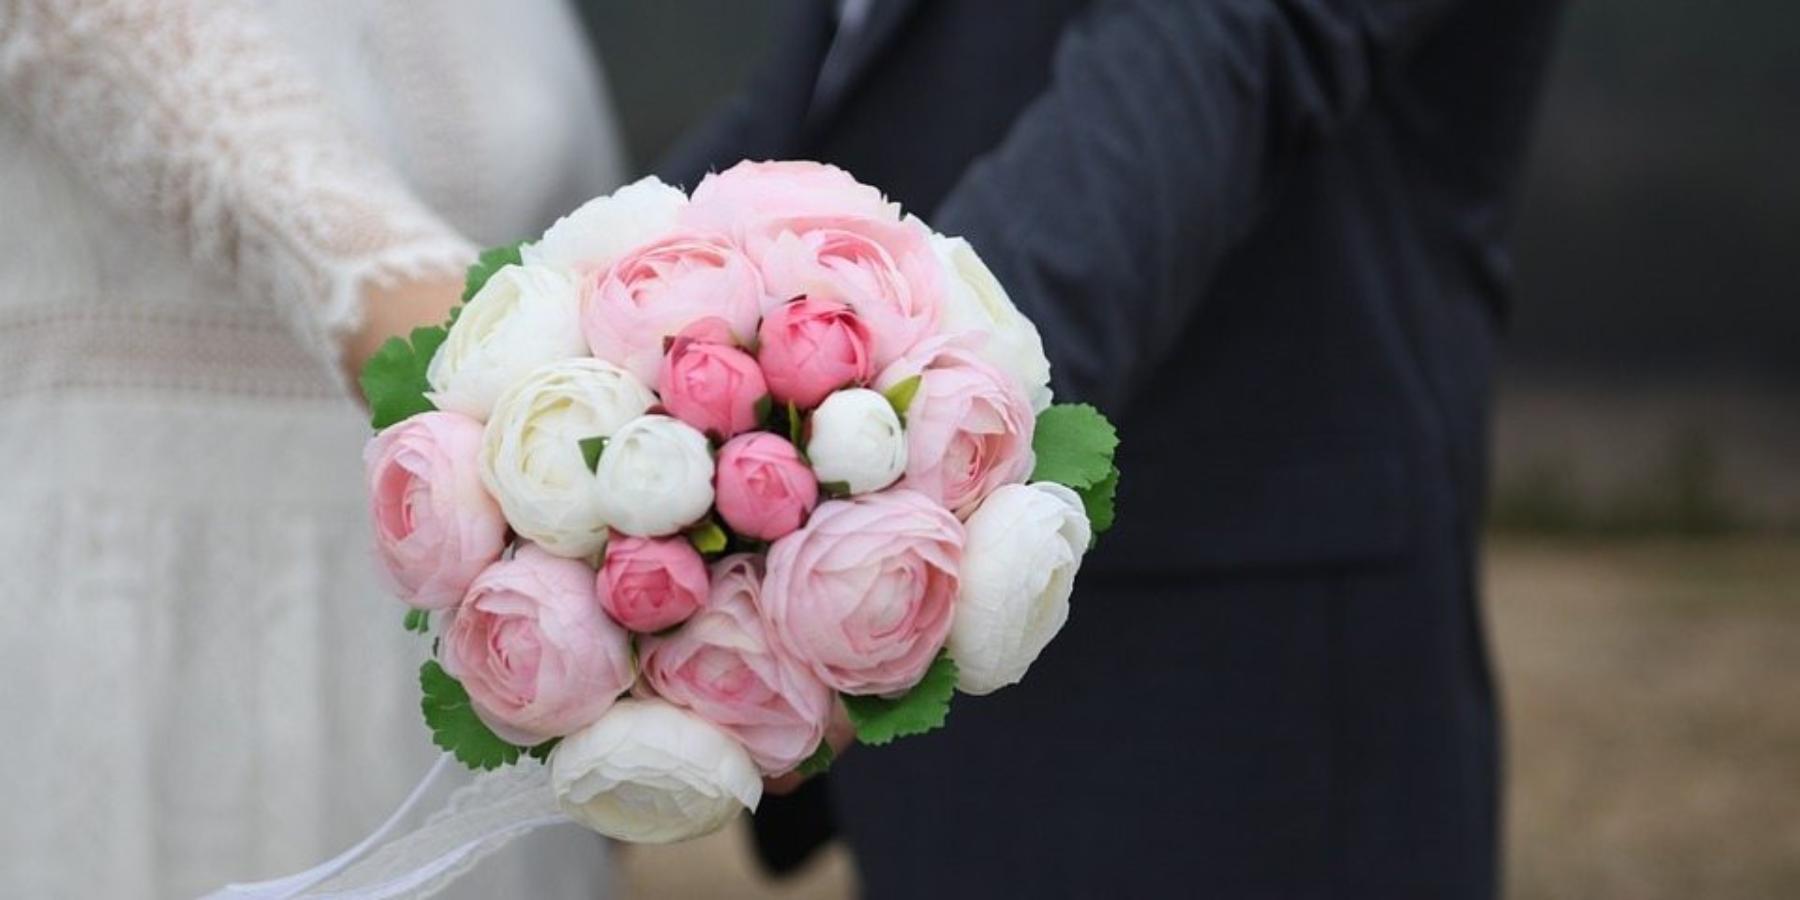 Najdroższy dzień wżyciu, czyli jak się zarabia naślubach